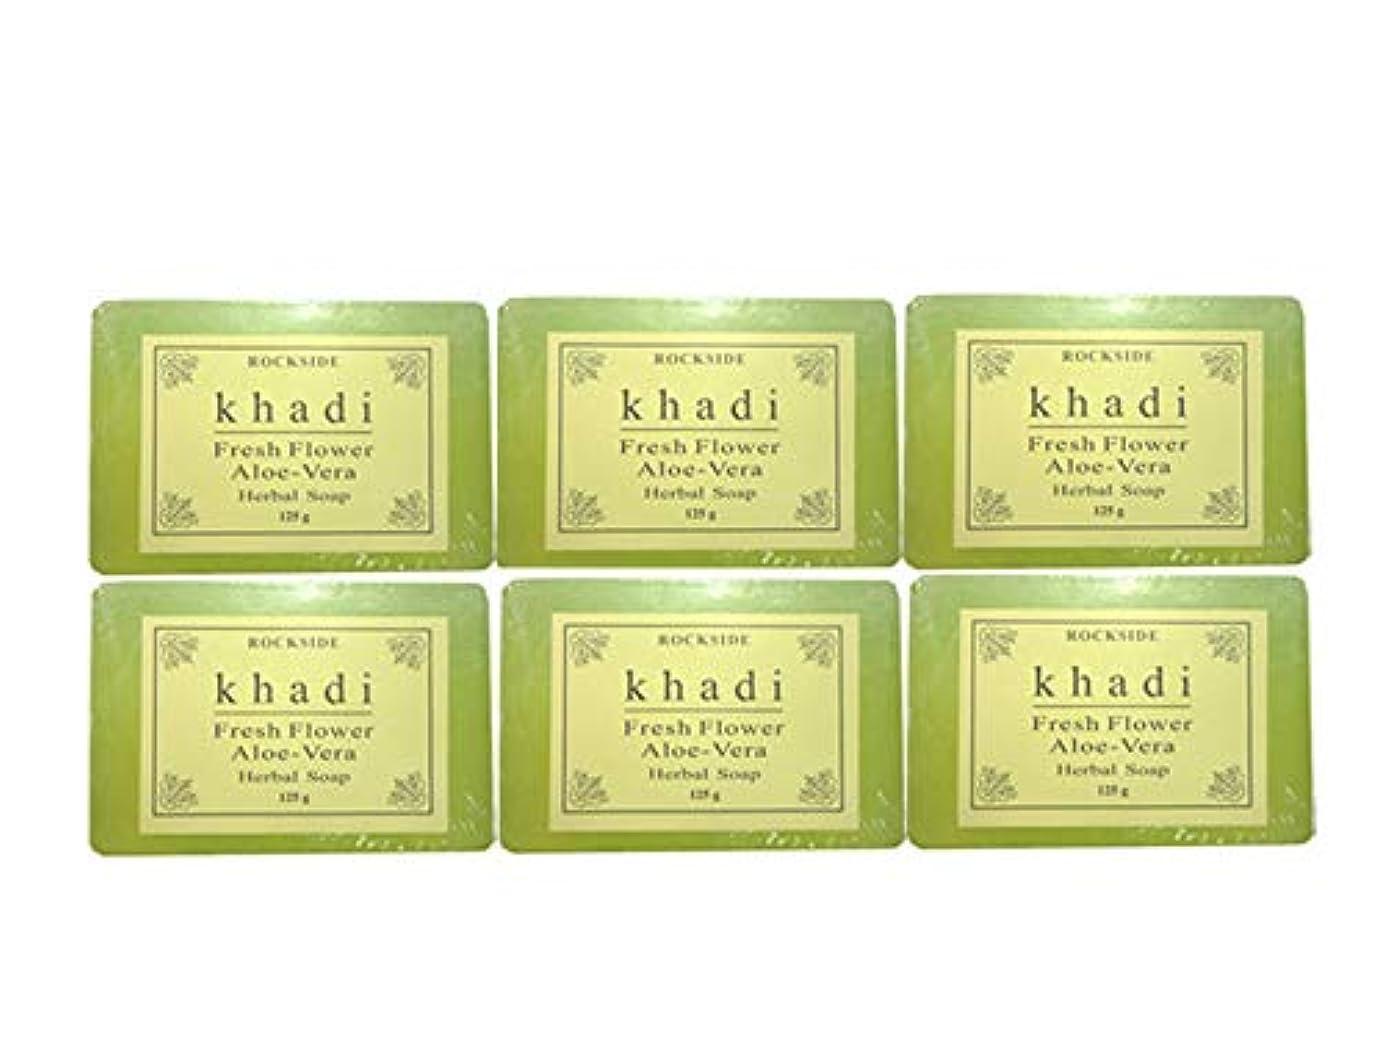 理解マーチャンダイザーとらえどころのない手作り カーディ フレッシュフラワー2 ハーバルソープ Khadi Fresh Flower Aloe-Vera Herbal Soap 6個SET